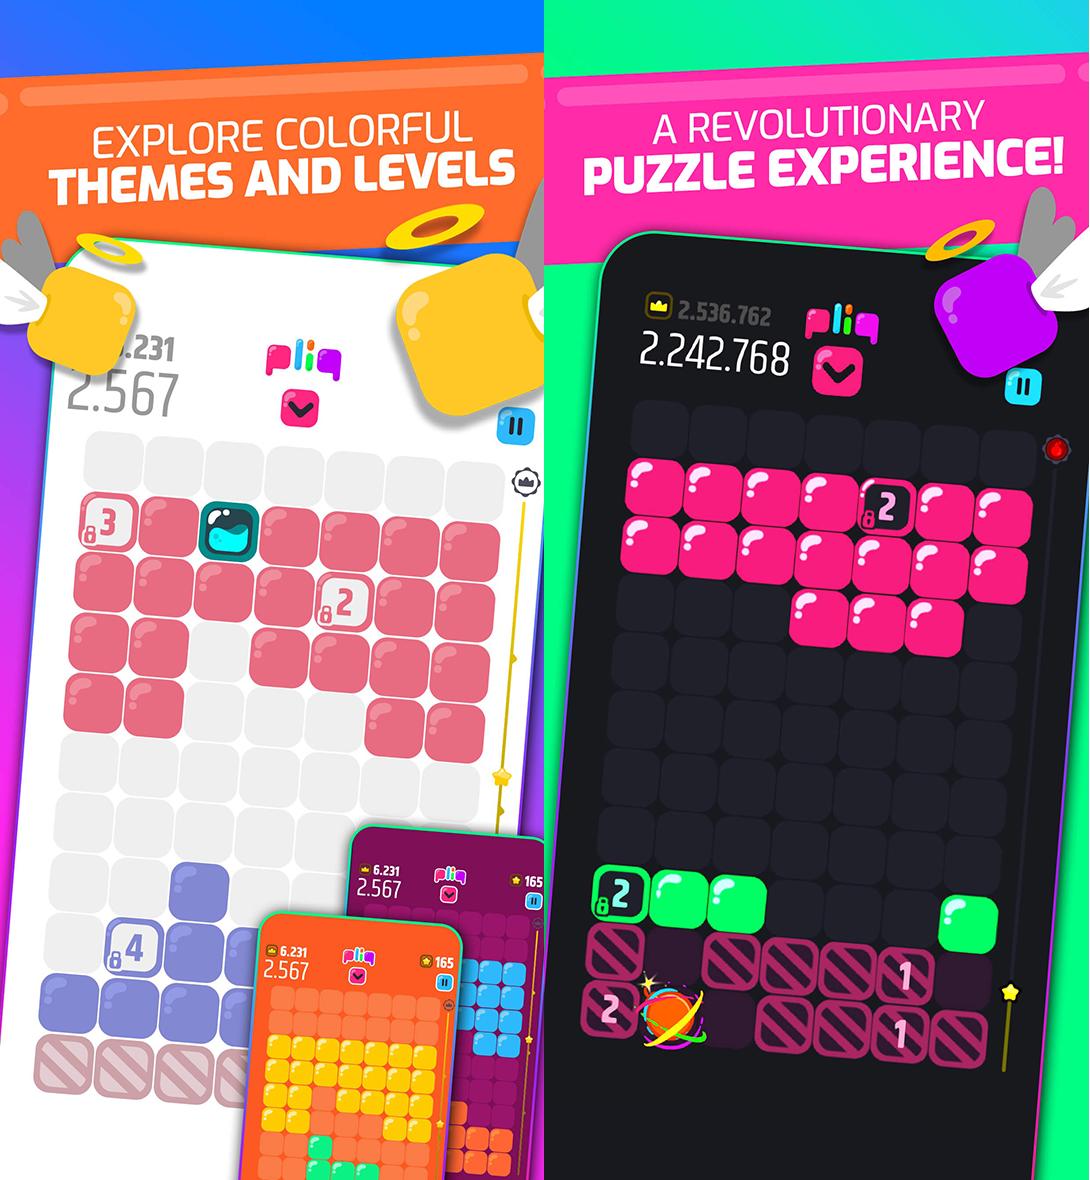 pliq: A Marvelous Puzzle Game